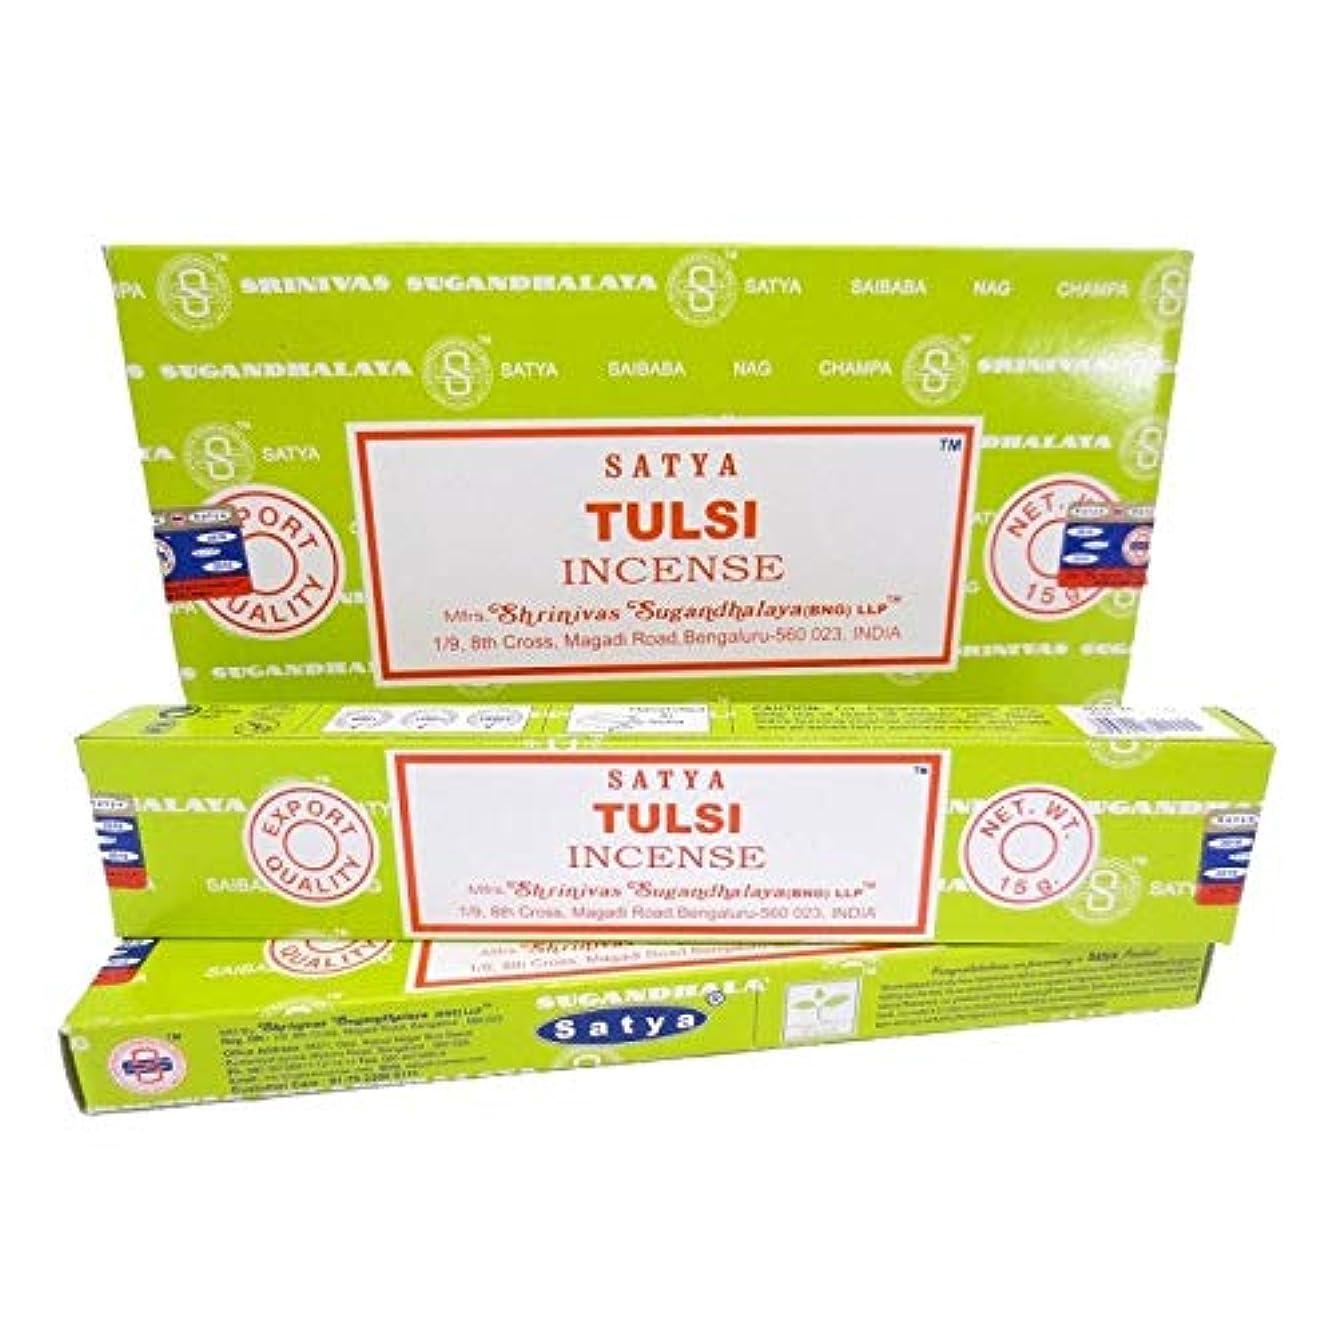 脚本家船形写真を撮るSatya Incense 1箱に12個の人気の香り - スティック(Tulsi)